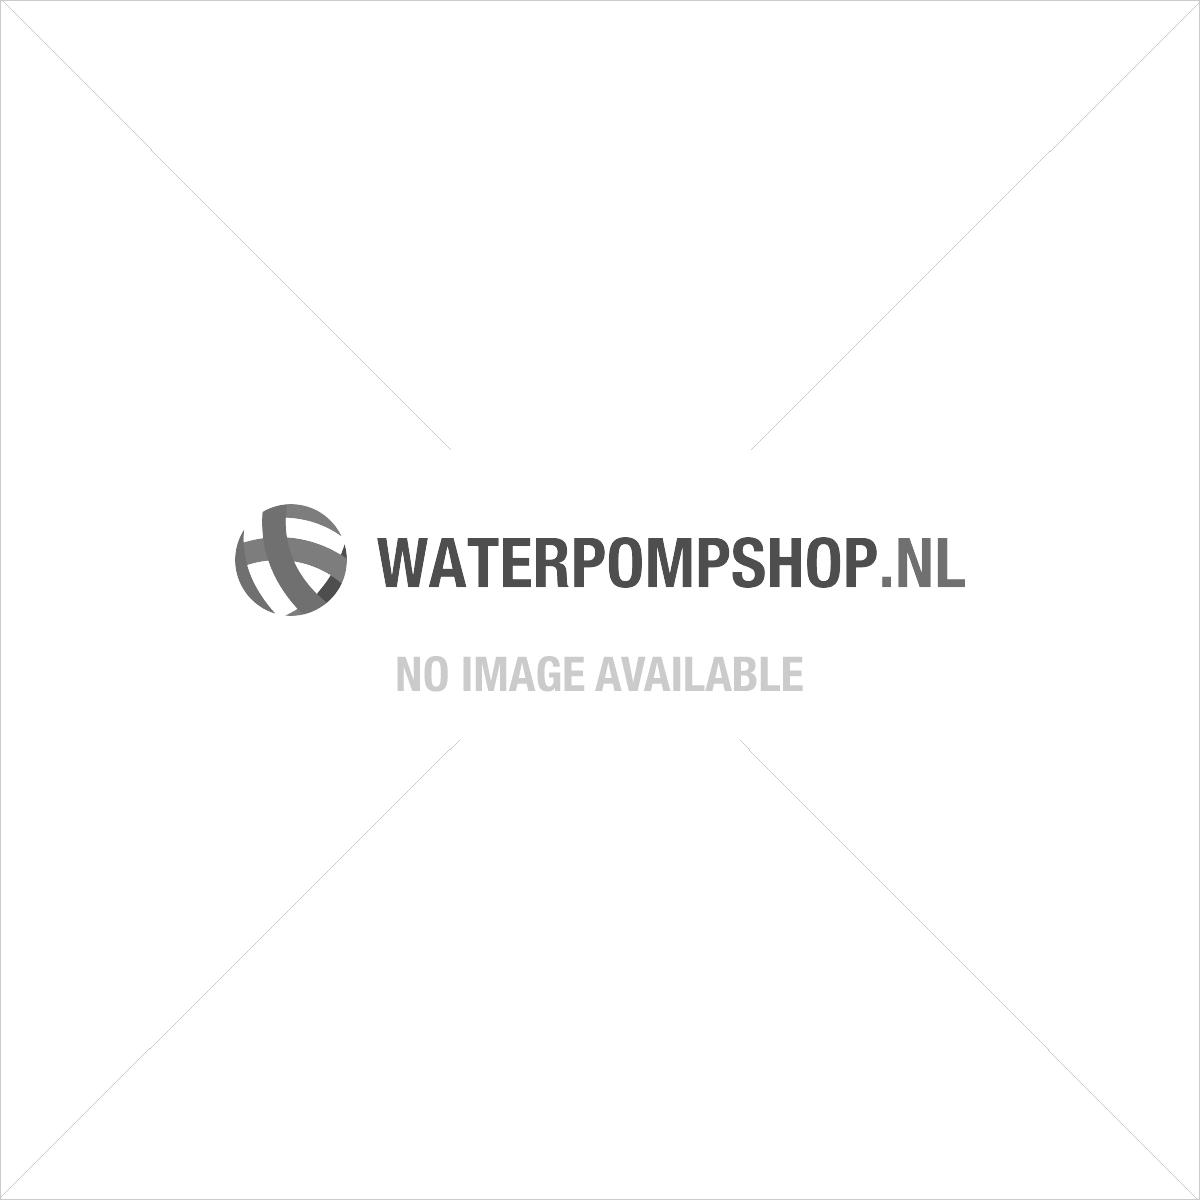 Direct water aanzuigen vanuit een put, sloot, vijver, kanaal, rivier, grondwaterbron, of een andere waterbron